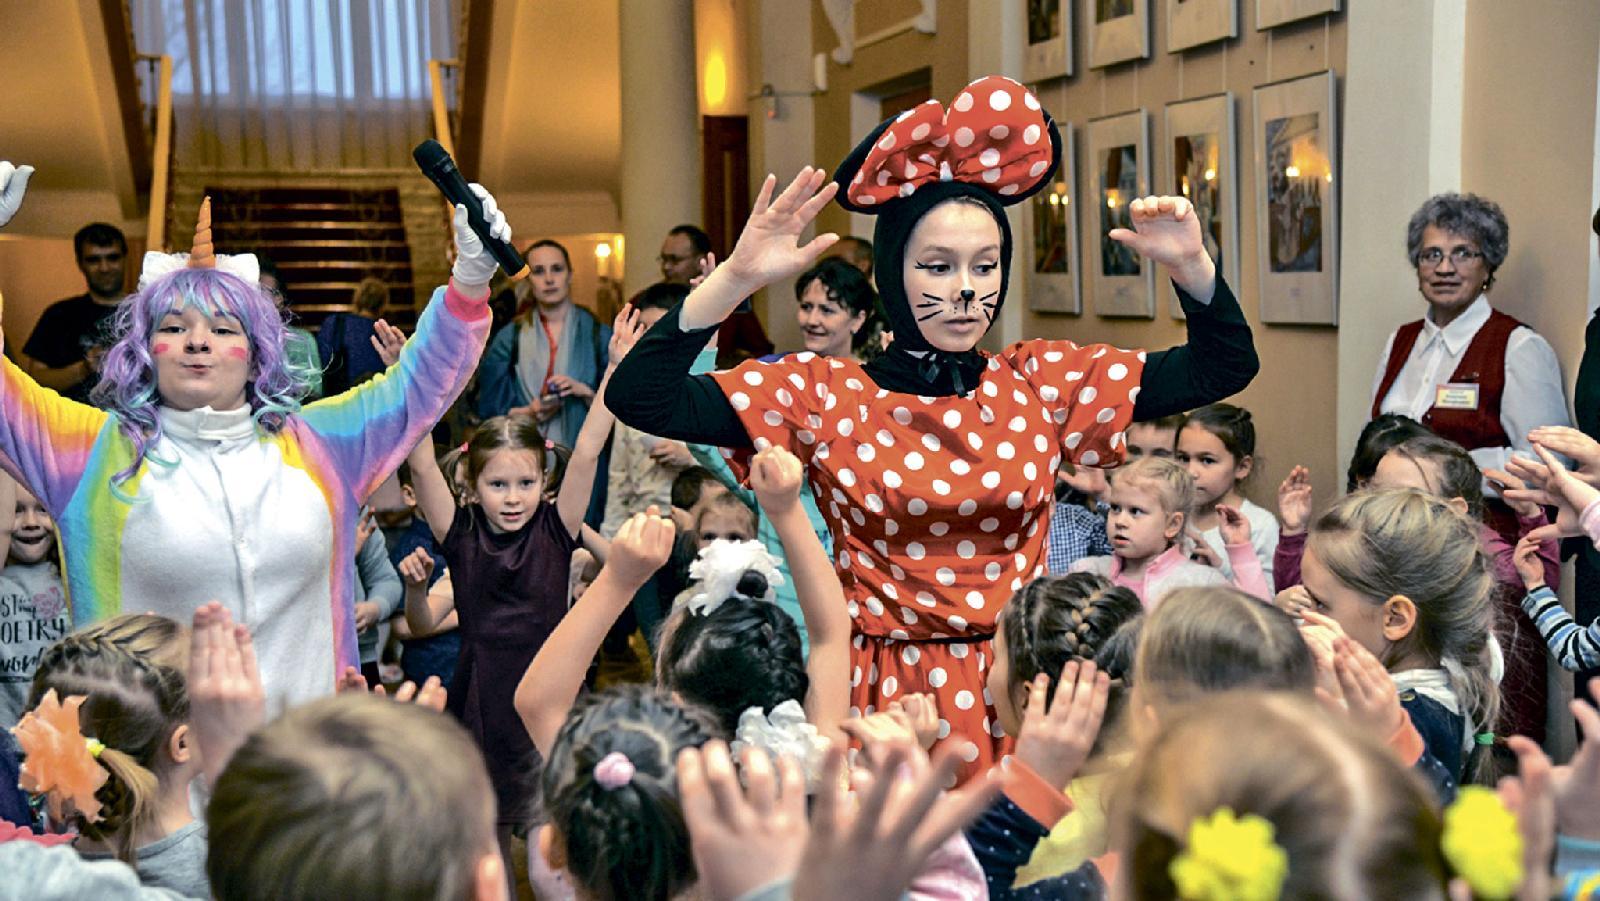 Конкурс рисунков «Мой город — мой мир» завершился ярким праздником в Театре музыки, драмы и комедии. Новоуральск. 13 февраля 2019 года